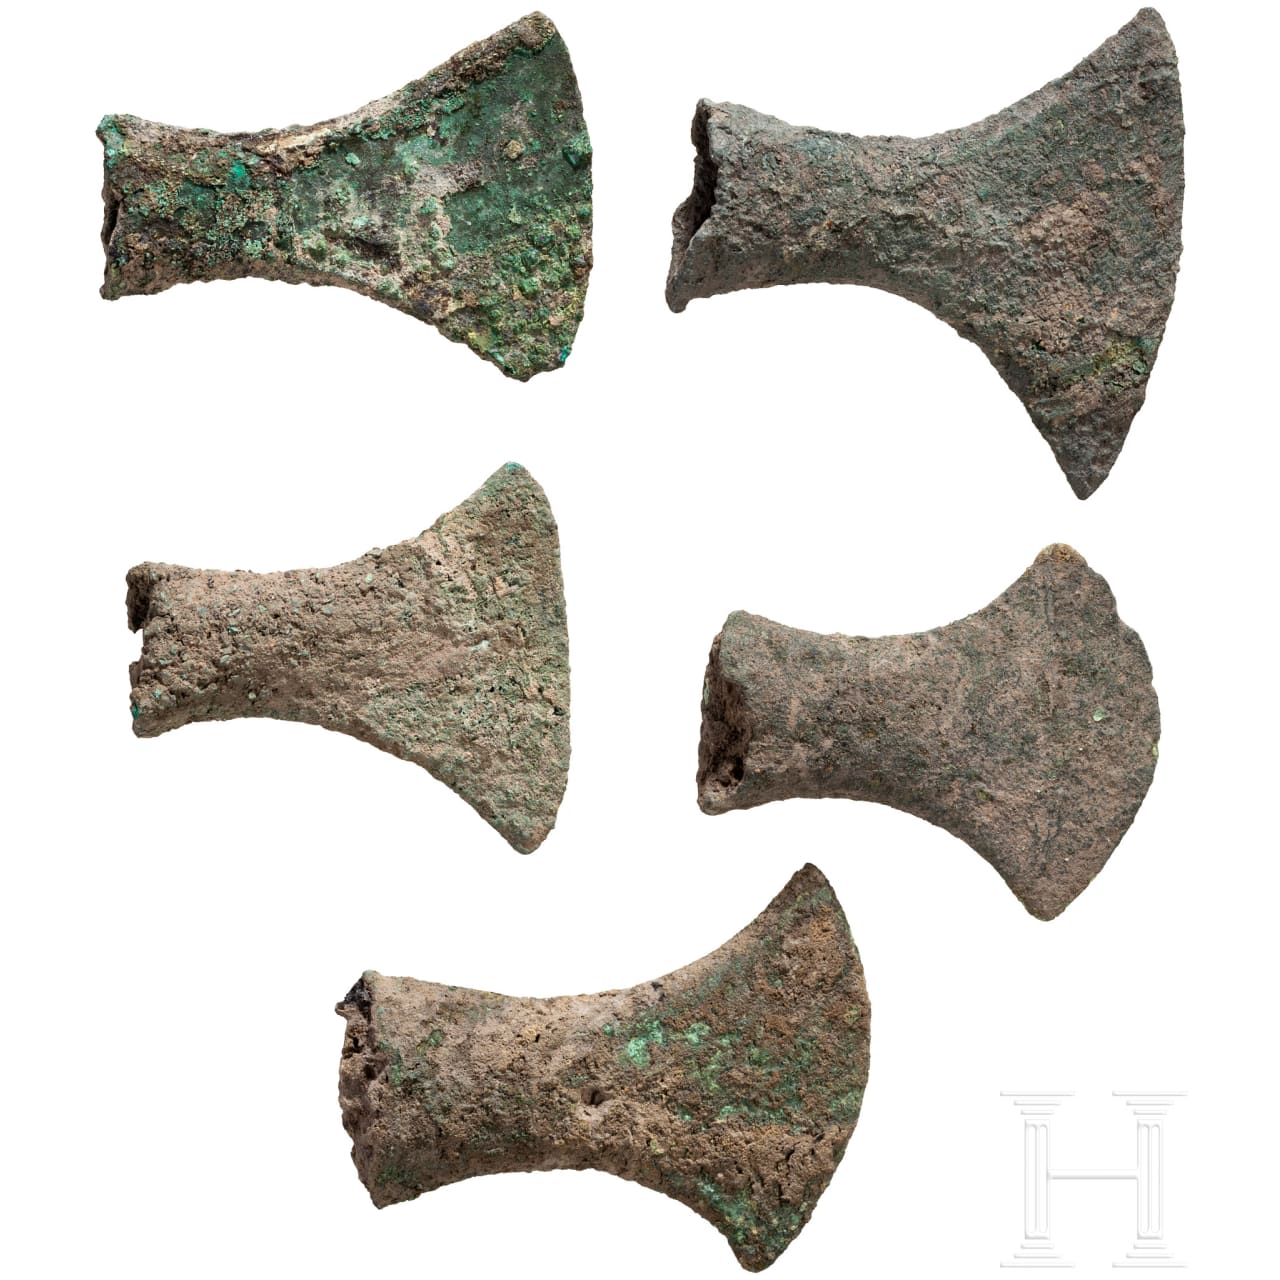 Fünf Tüllenbeile, Bronzezeit, Südosteuropa bis kaspischer Raum, 2. Jtsd. v. Chr.